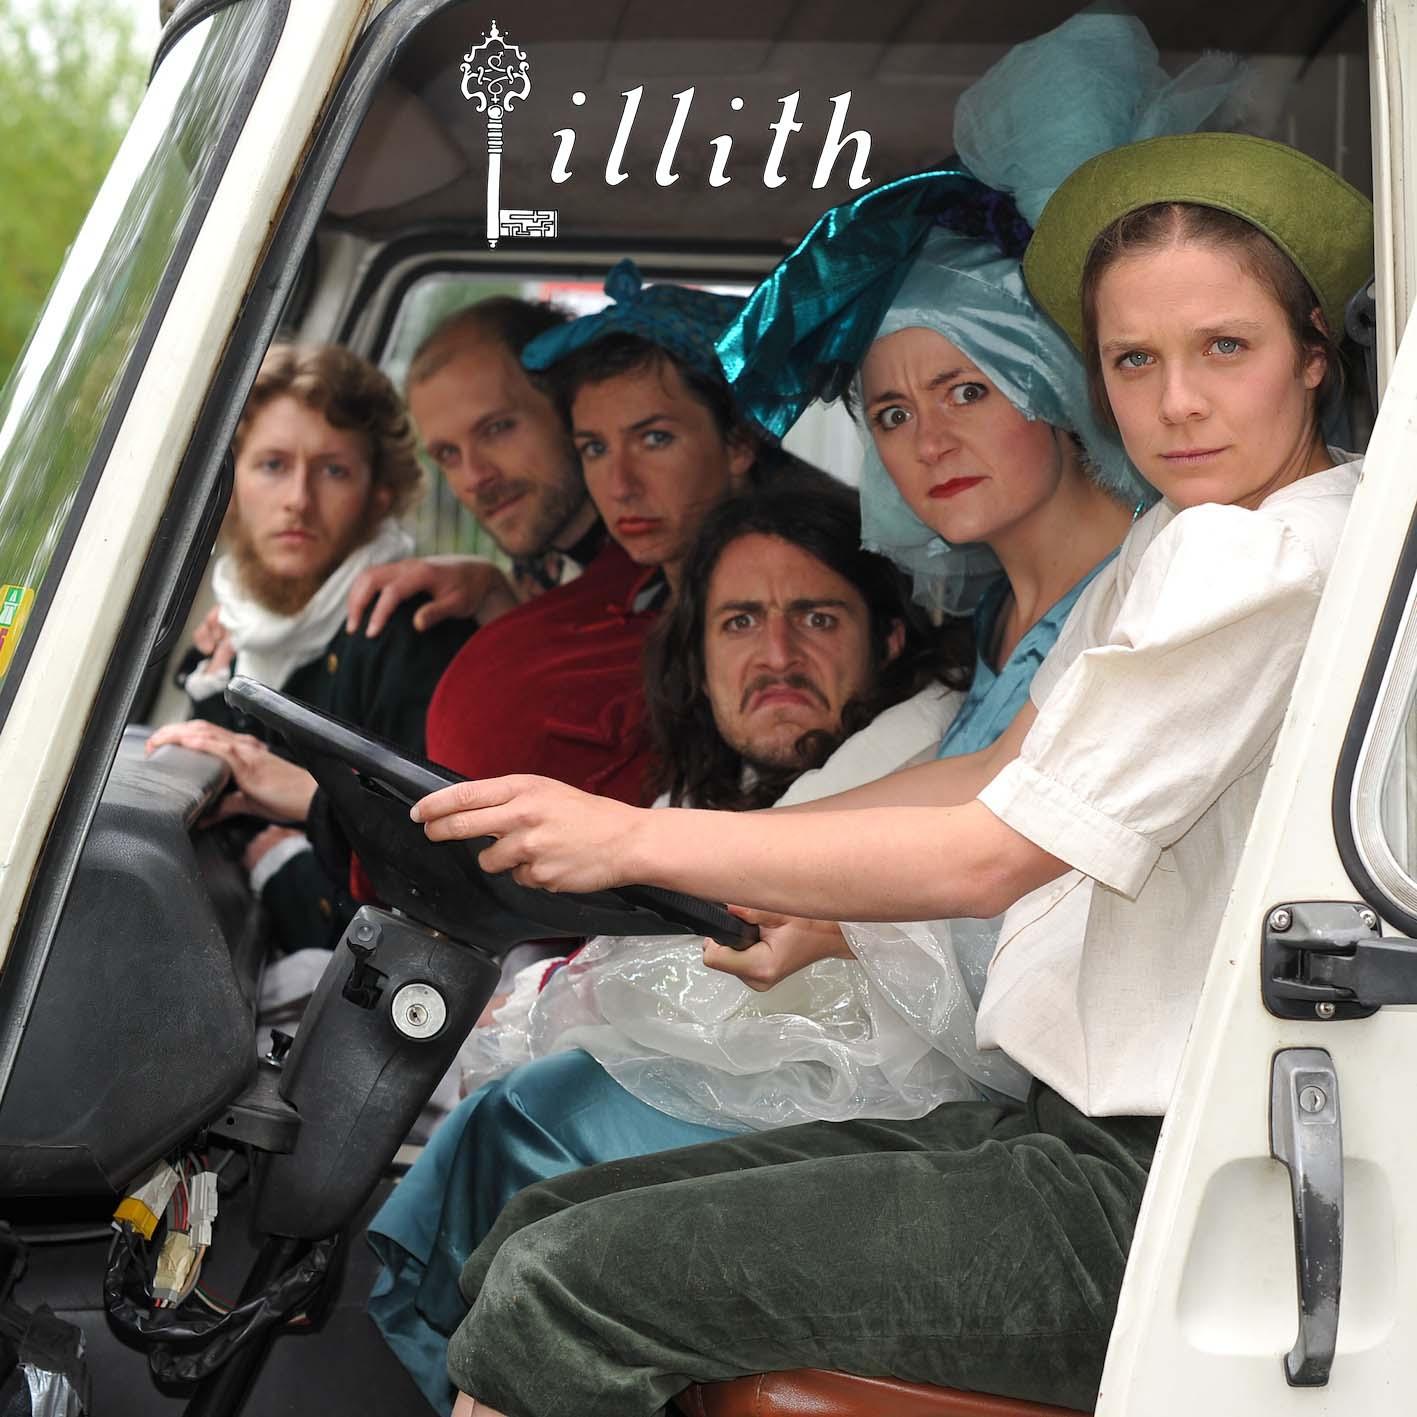 Compagnia Stradini - Lillith